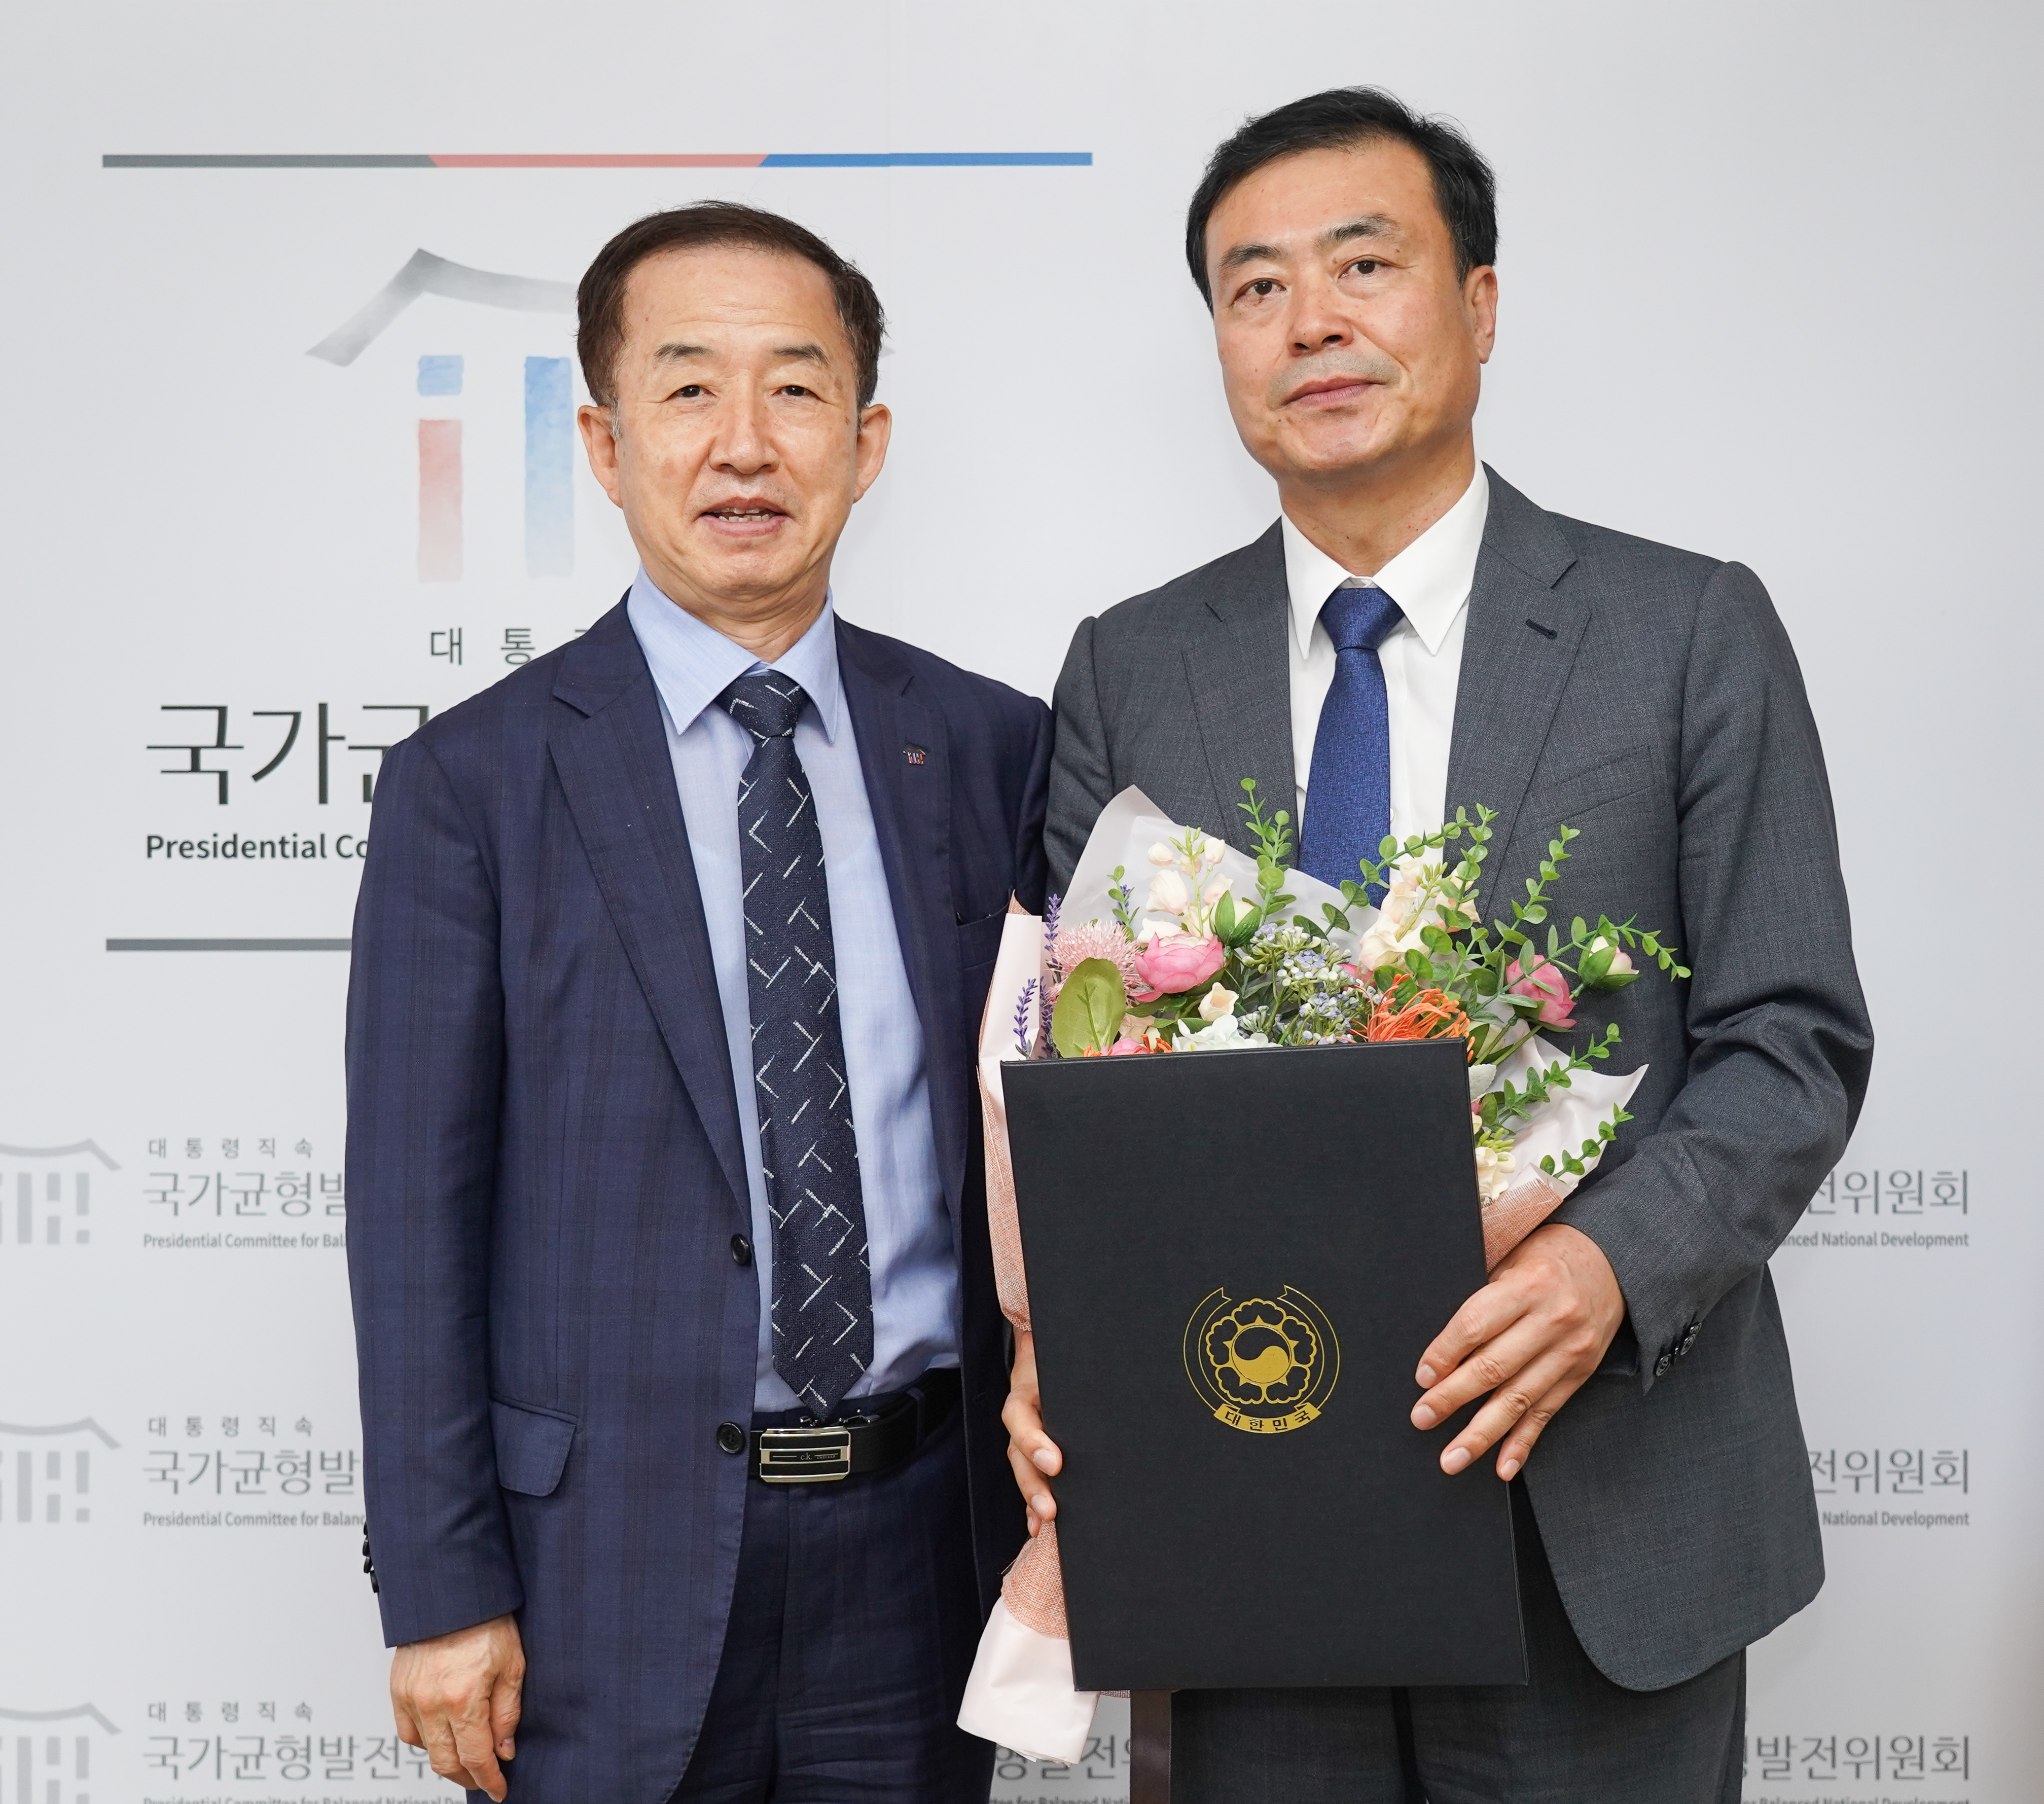 균형위, 오세규 신임 위원 위촉장 전달 사진